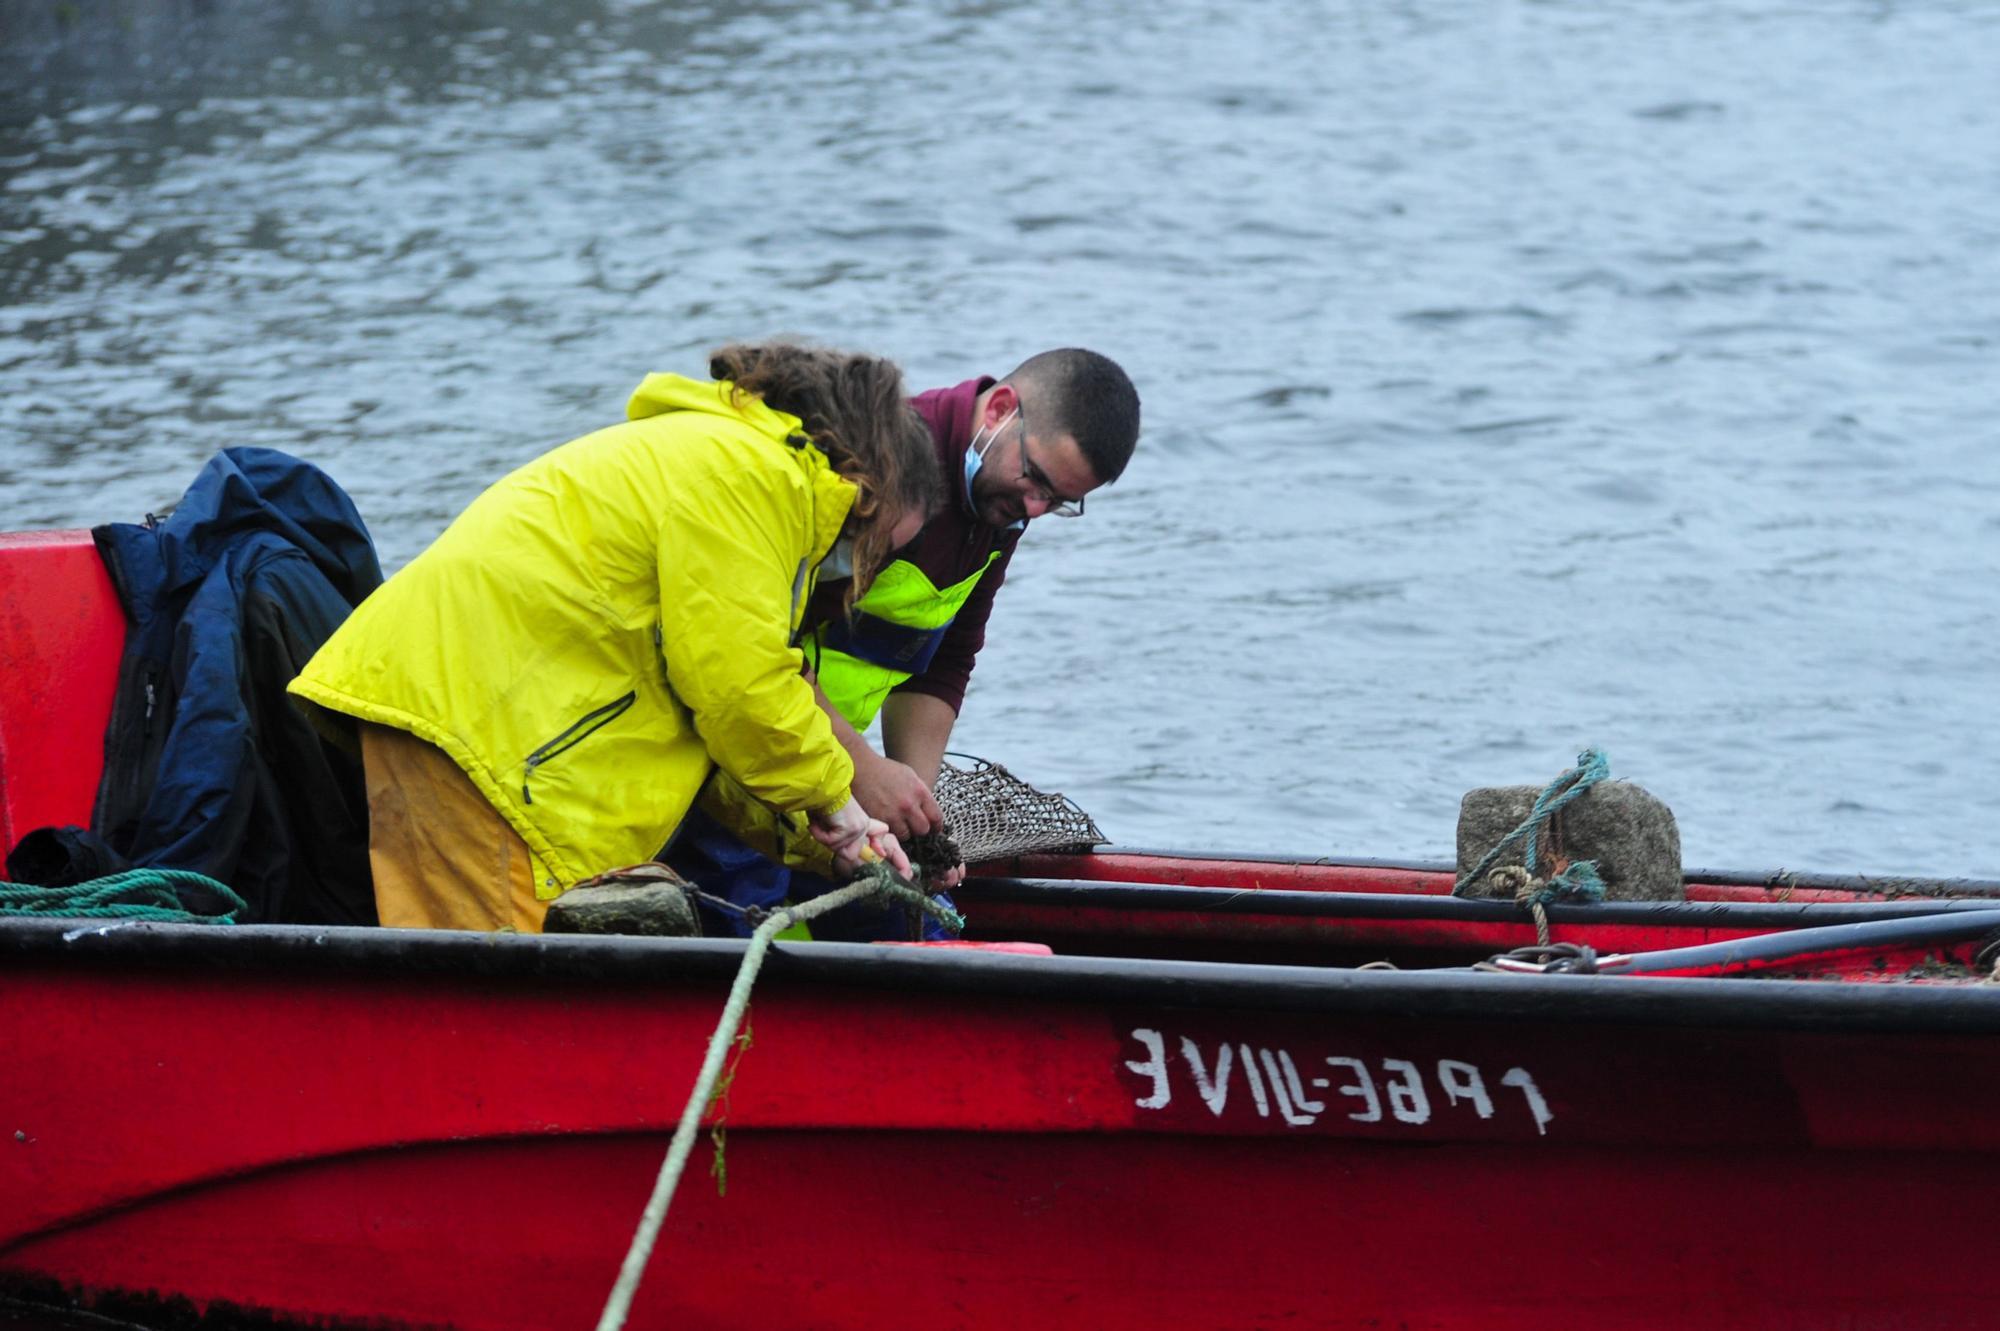 Las primeras lampreas salen a 50 euros